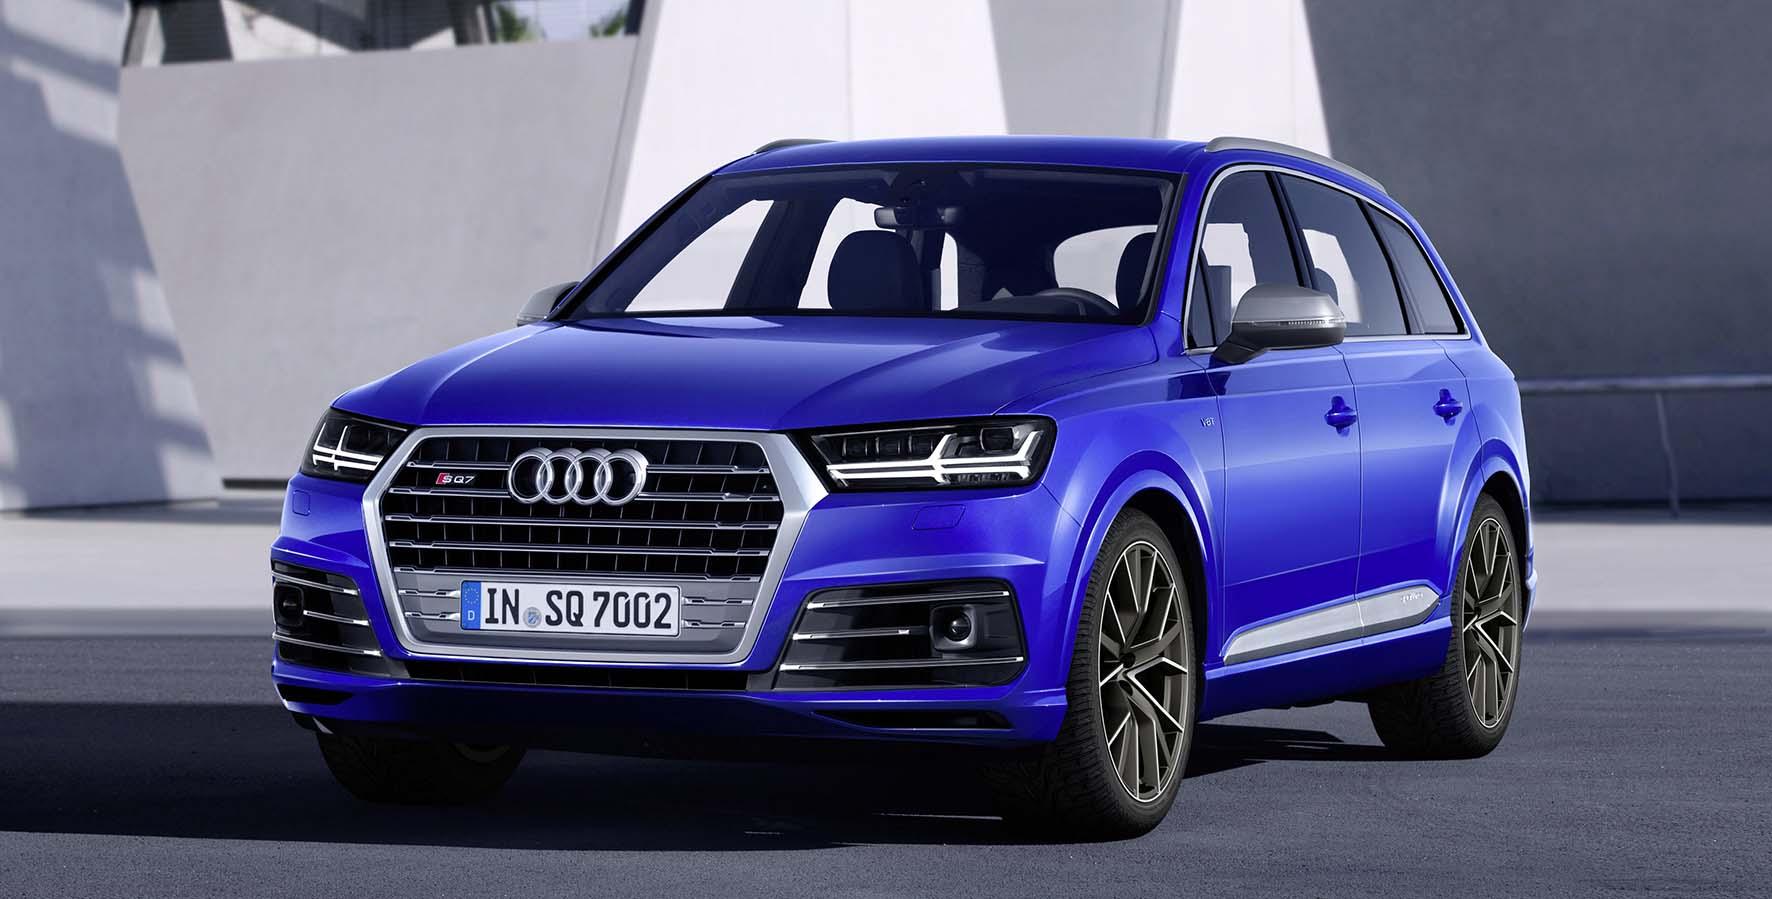 Audi Sq7 TDI V8 frontlat